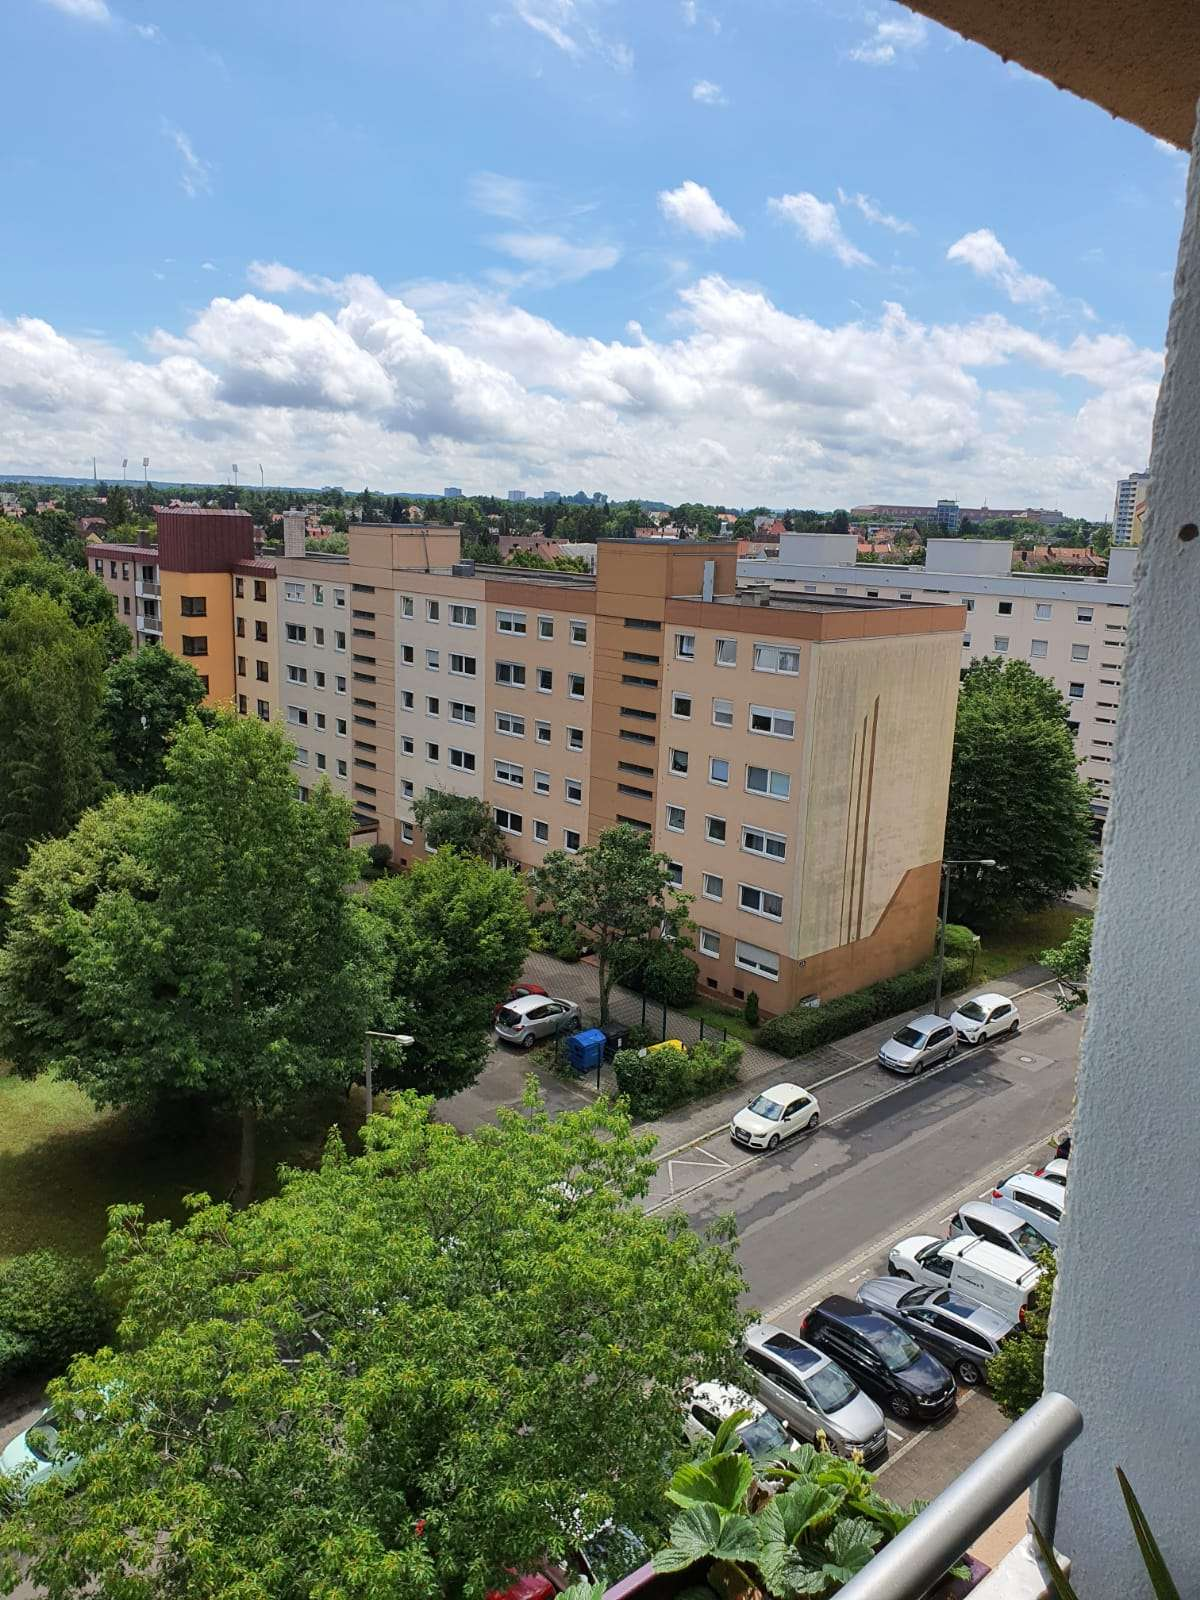 Schöne 3,5 Zimmer Wohnung in Nürnberg, Zerzabelshof - tolle Aussicht in gepflegter Anlage in